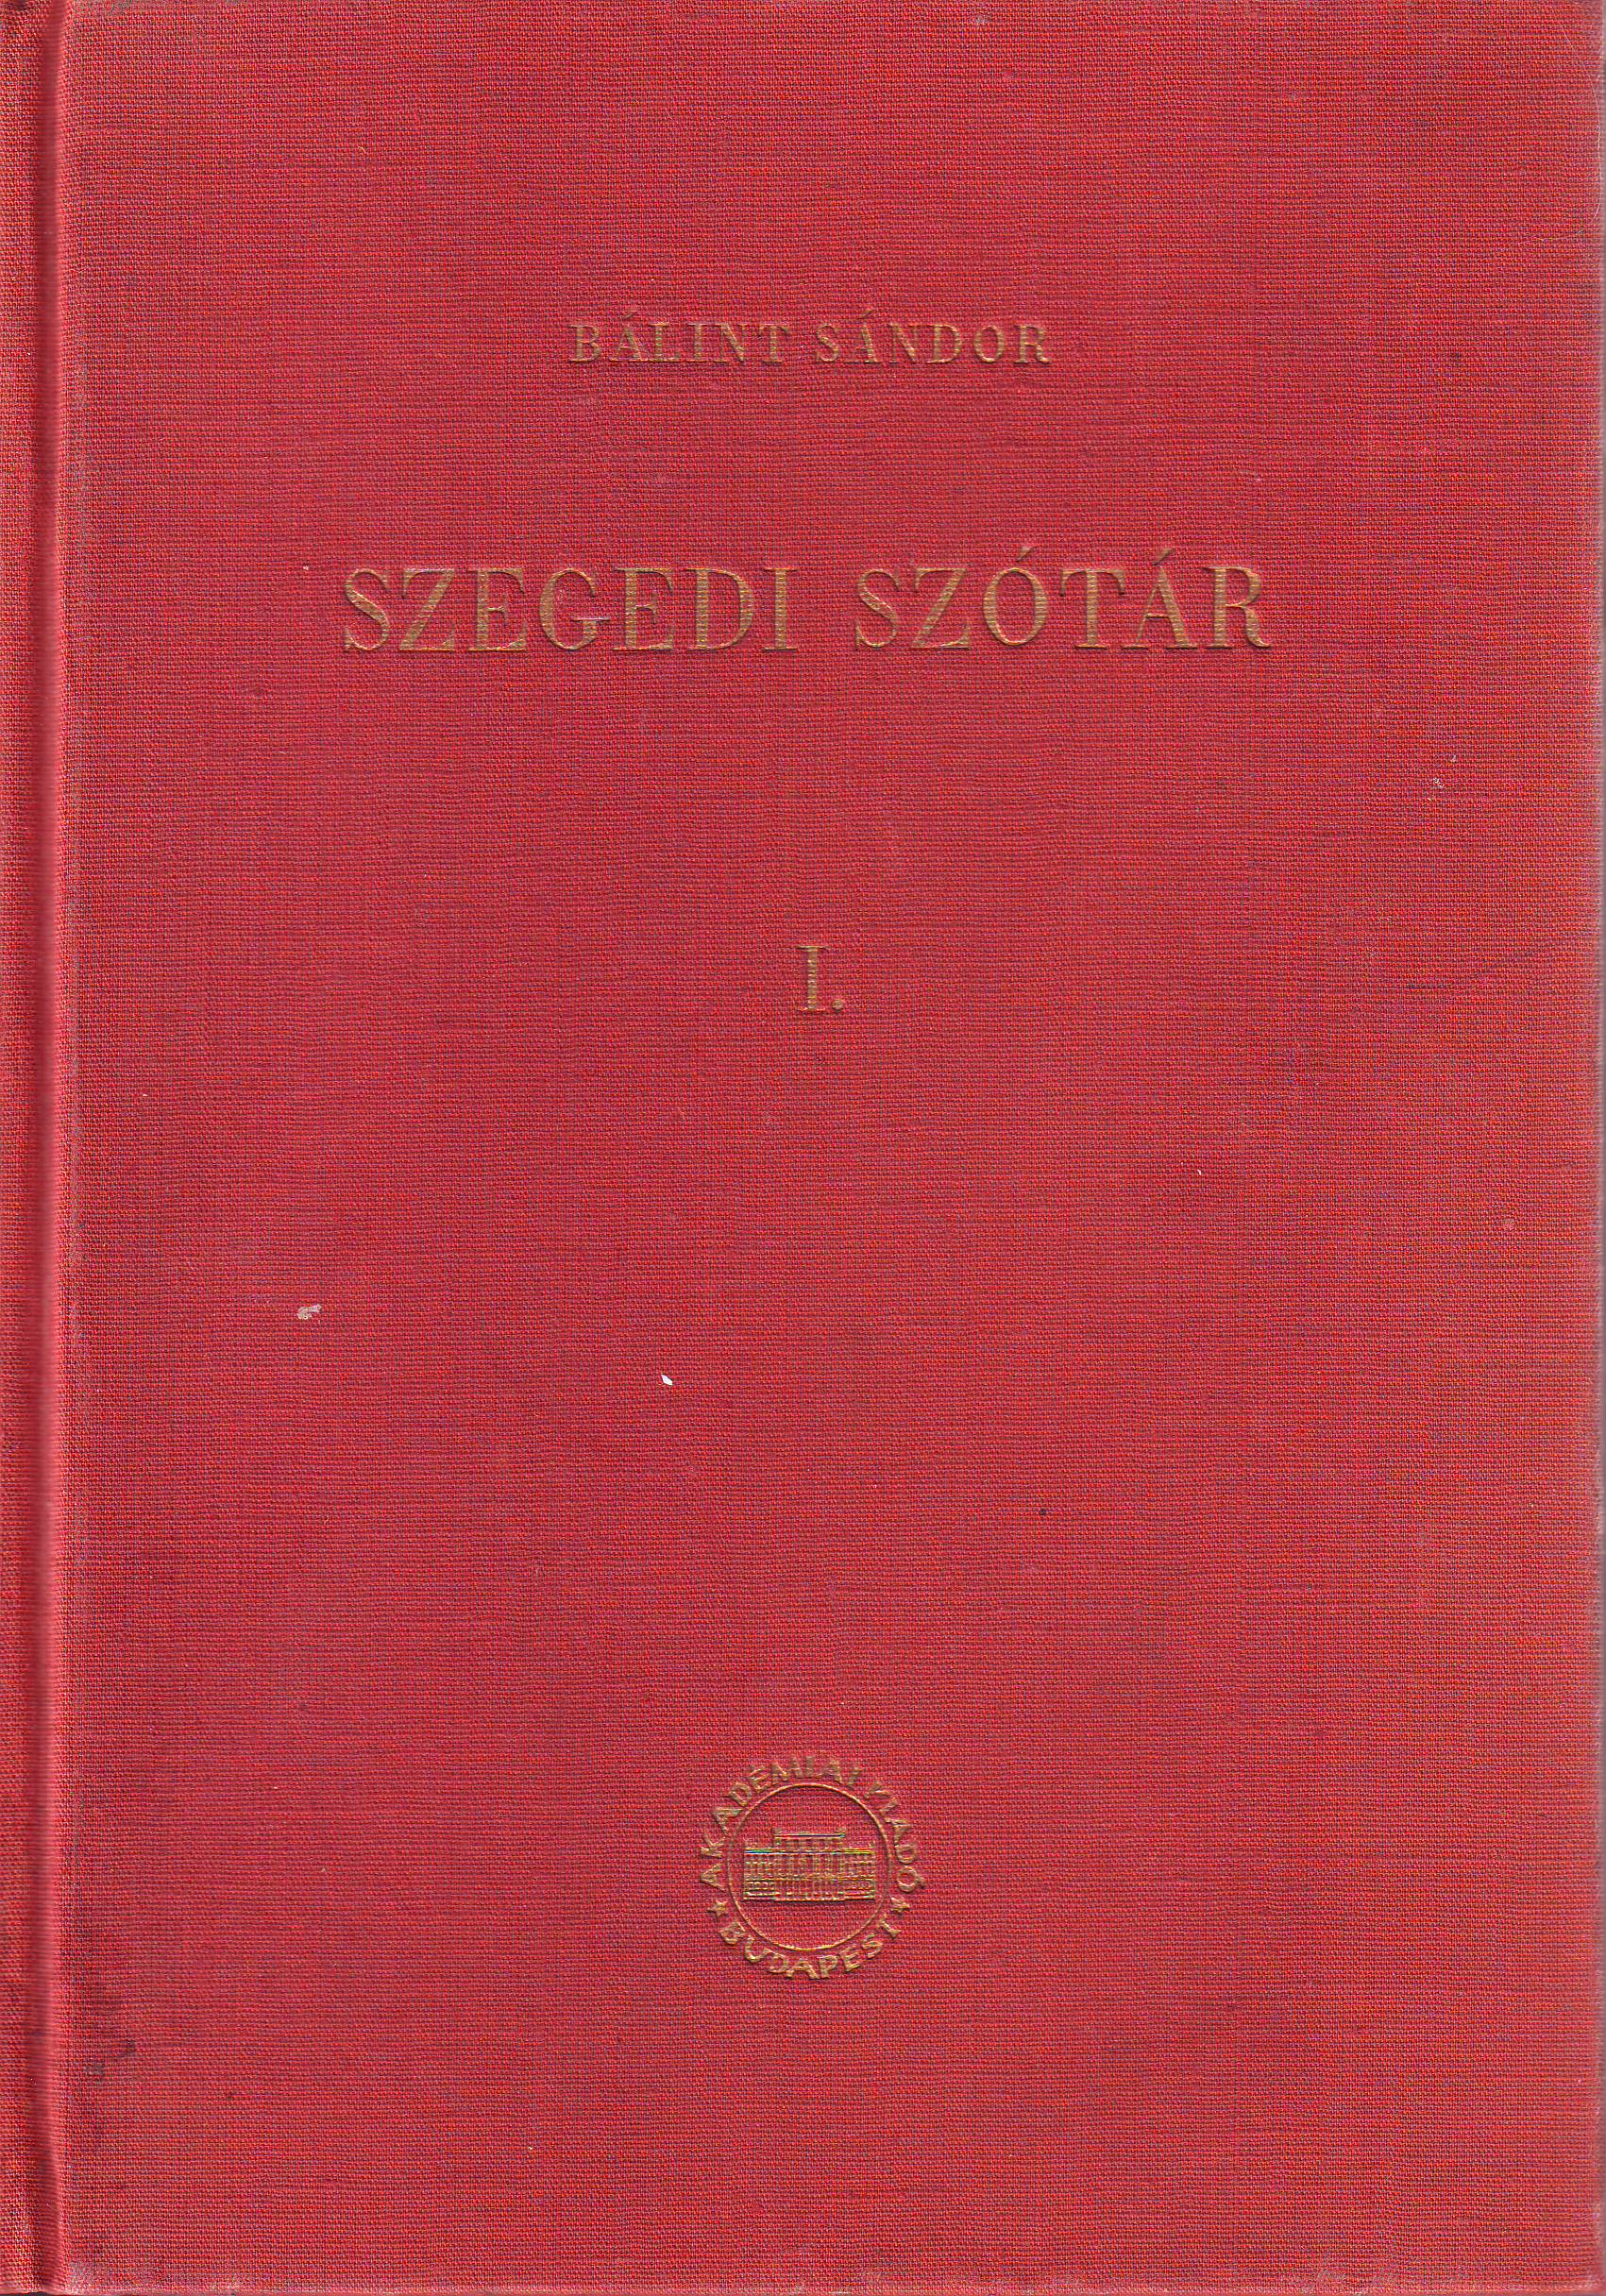 Szegedi szótár